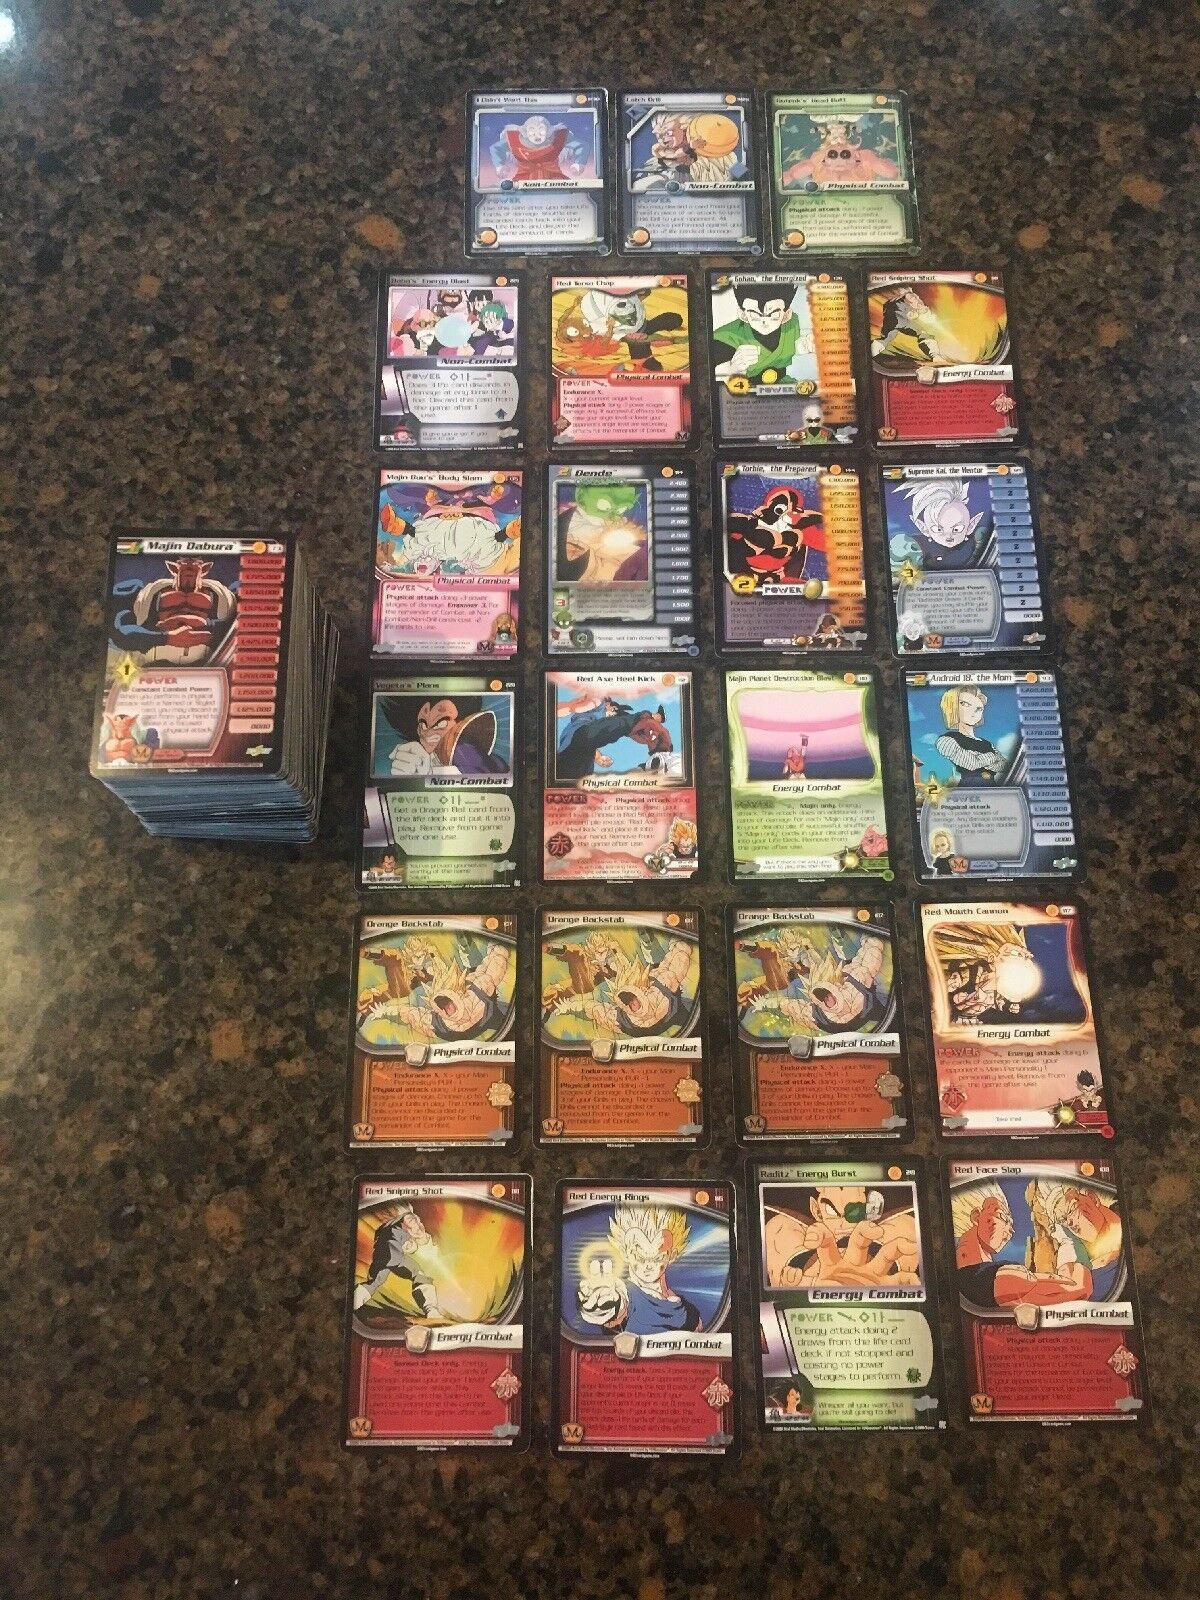 Viele dragon ball z ccg karten   2001 - 2004   rares   promos   gespielt - in der nähe von minze